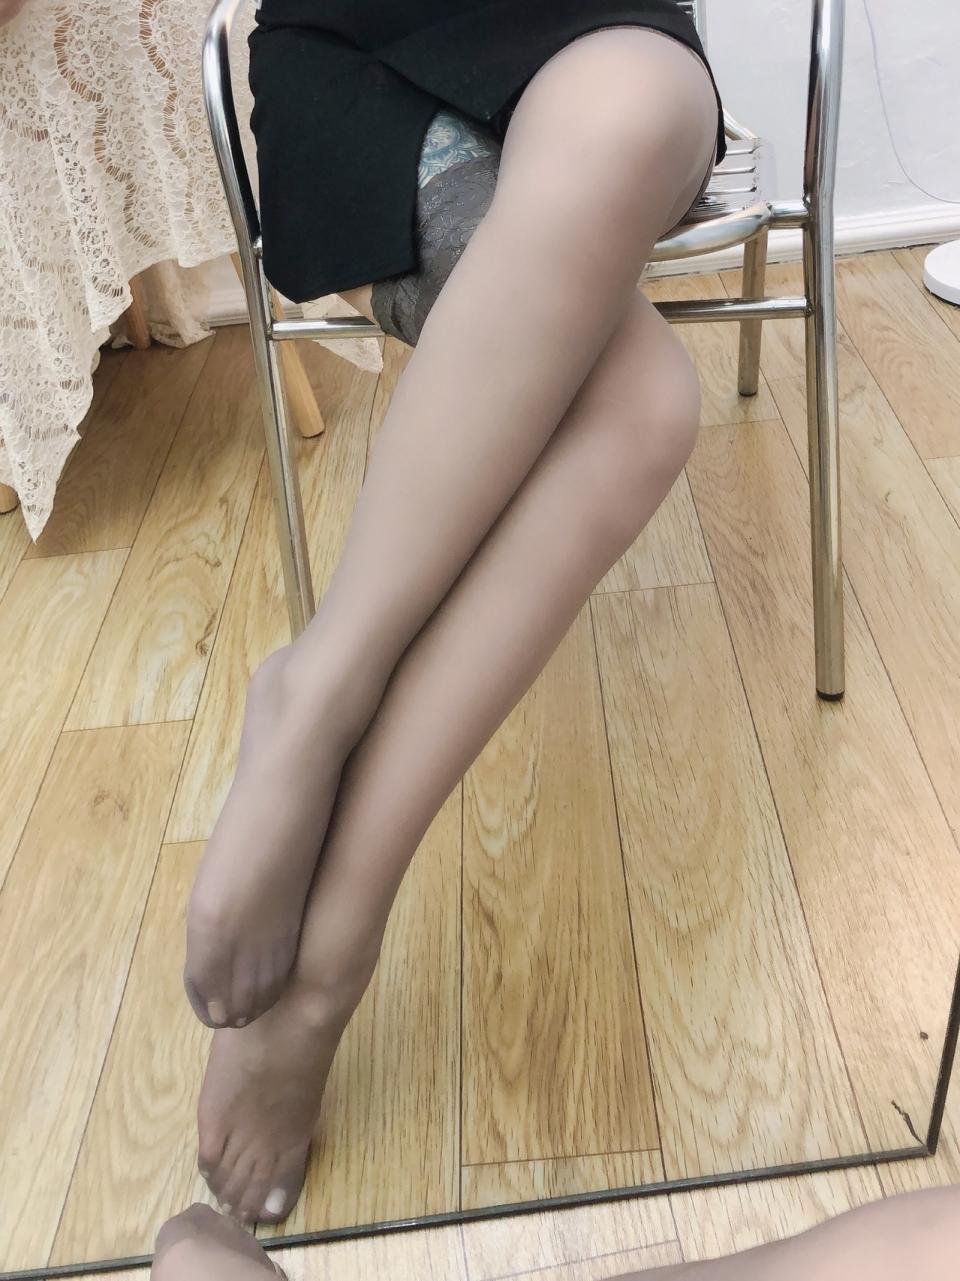 性感美女长腿黑丝诱惑撩人写真